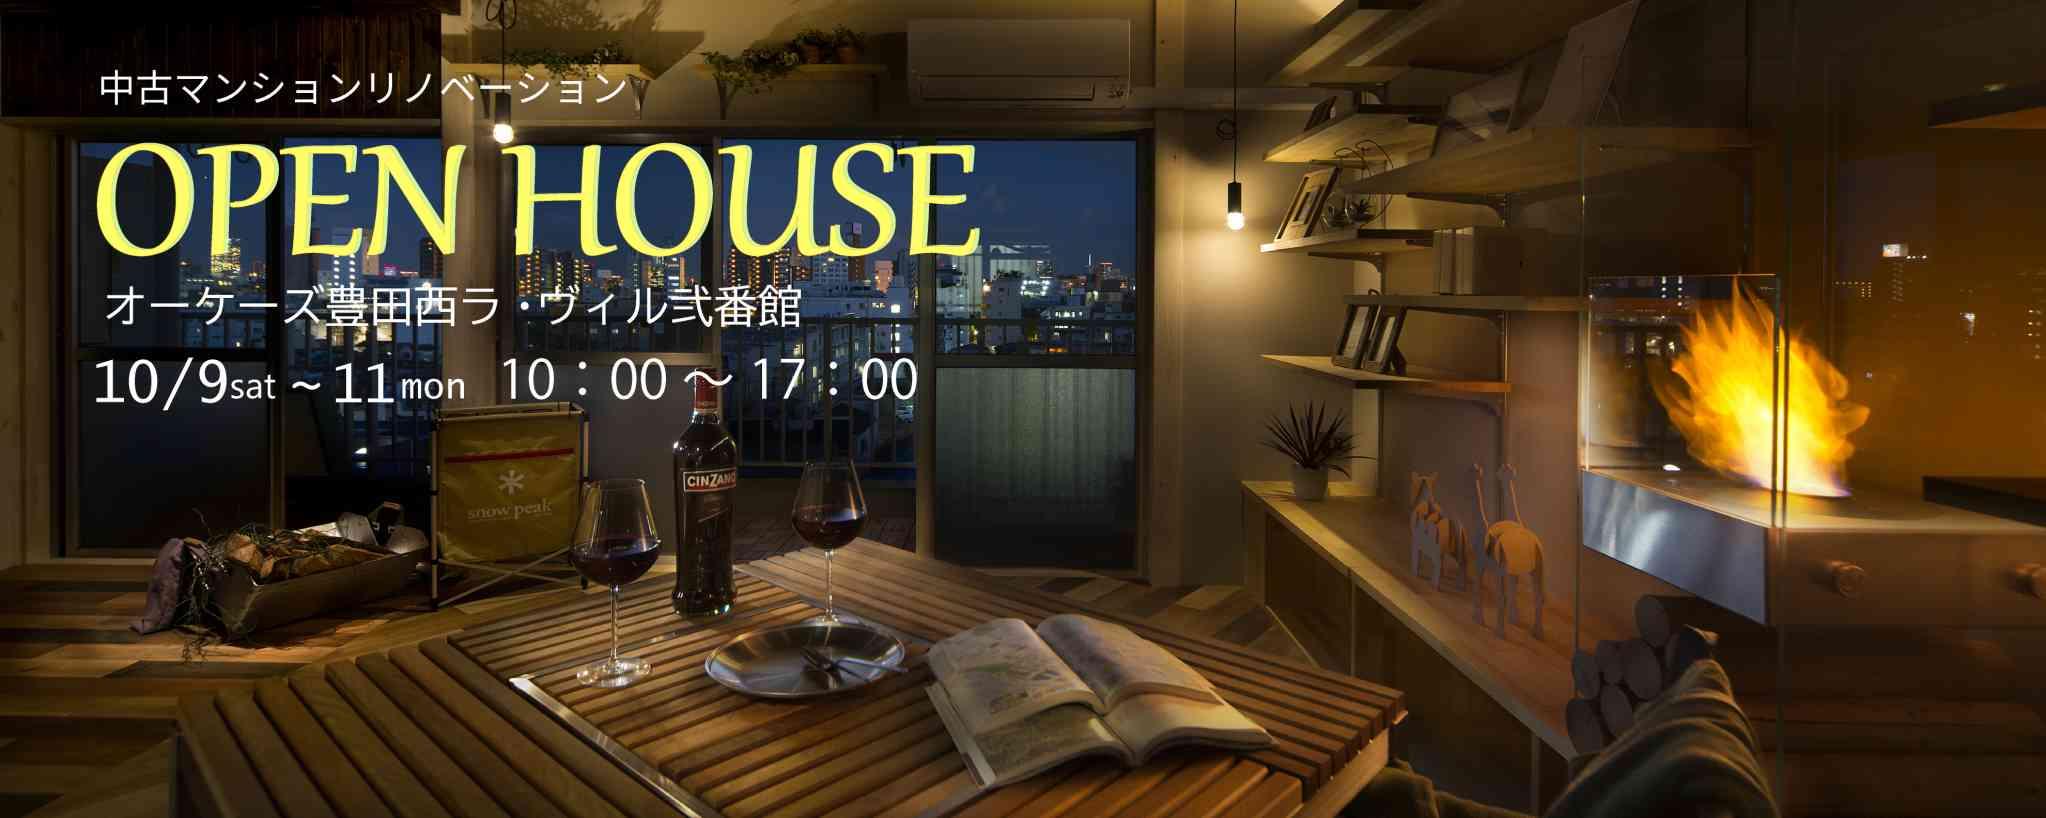 中古マンションリノベーションOPENHOUSE in  オーケーズ豊田西ラ・ヴィル弐番館